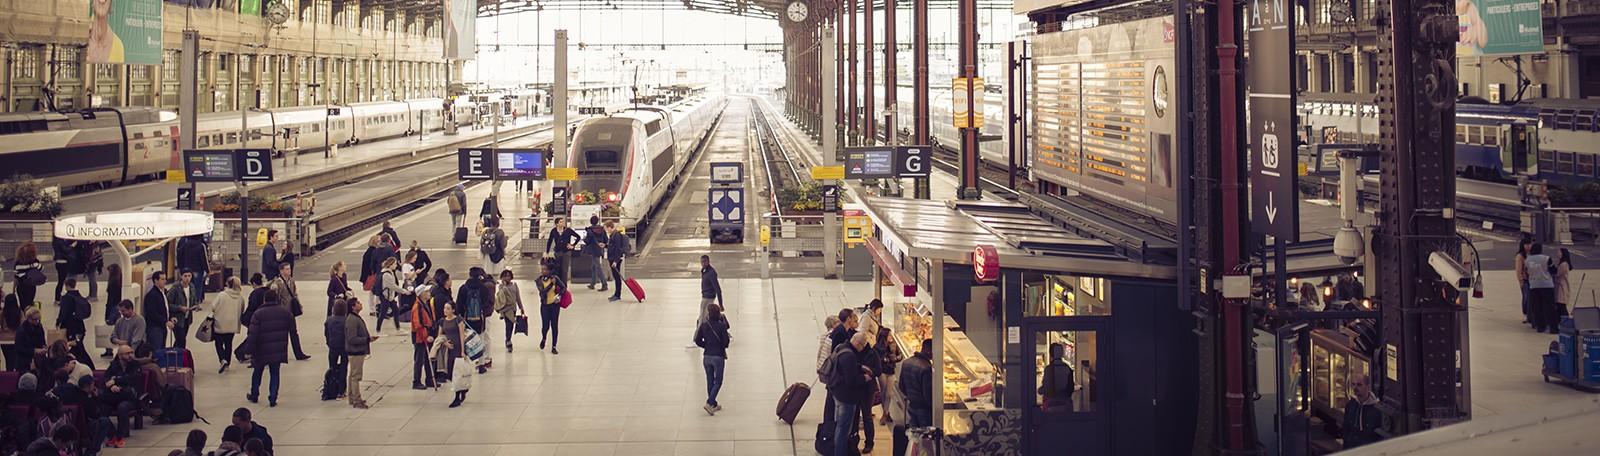 Car park gare de lyon park in paris q park - Paris gare de lyon porte de versailles ...